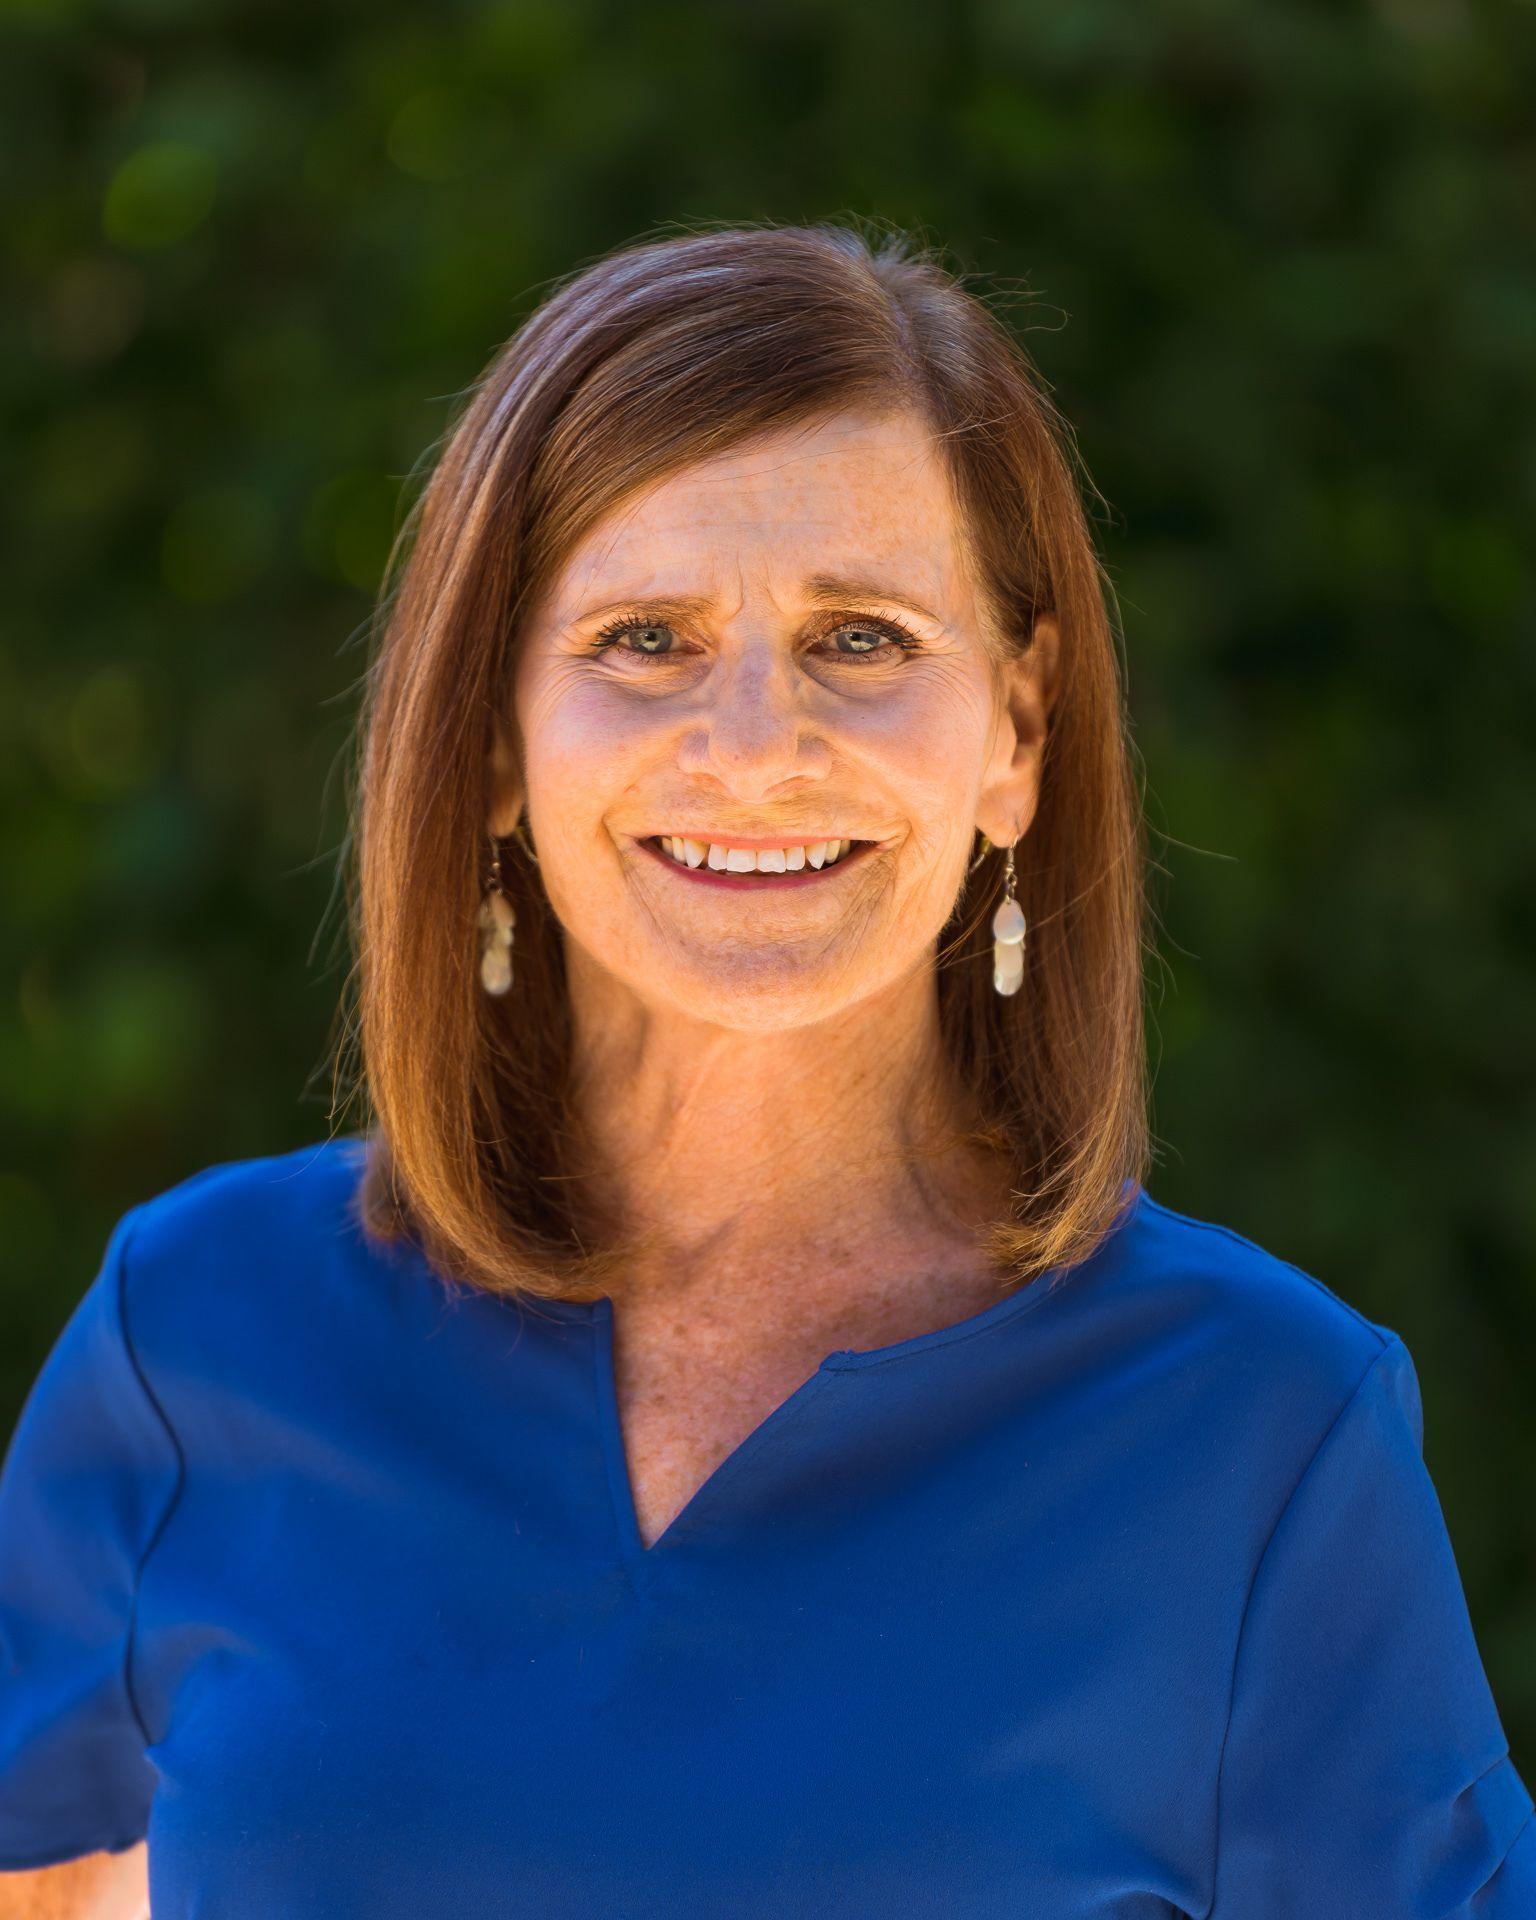 Darline Ulrich